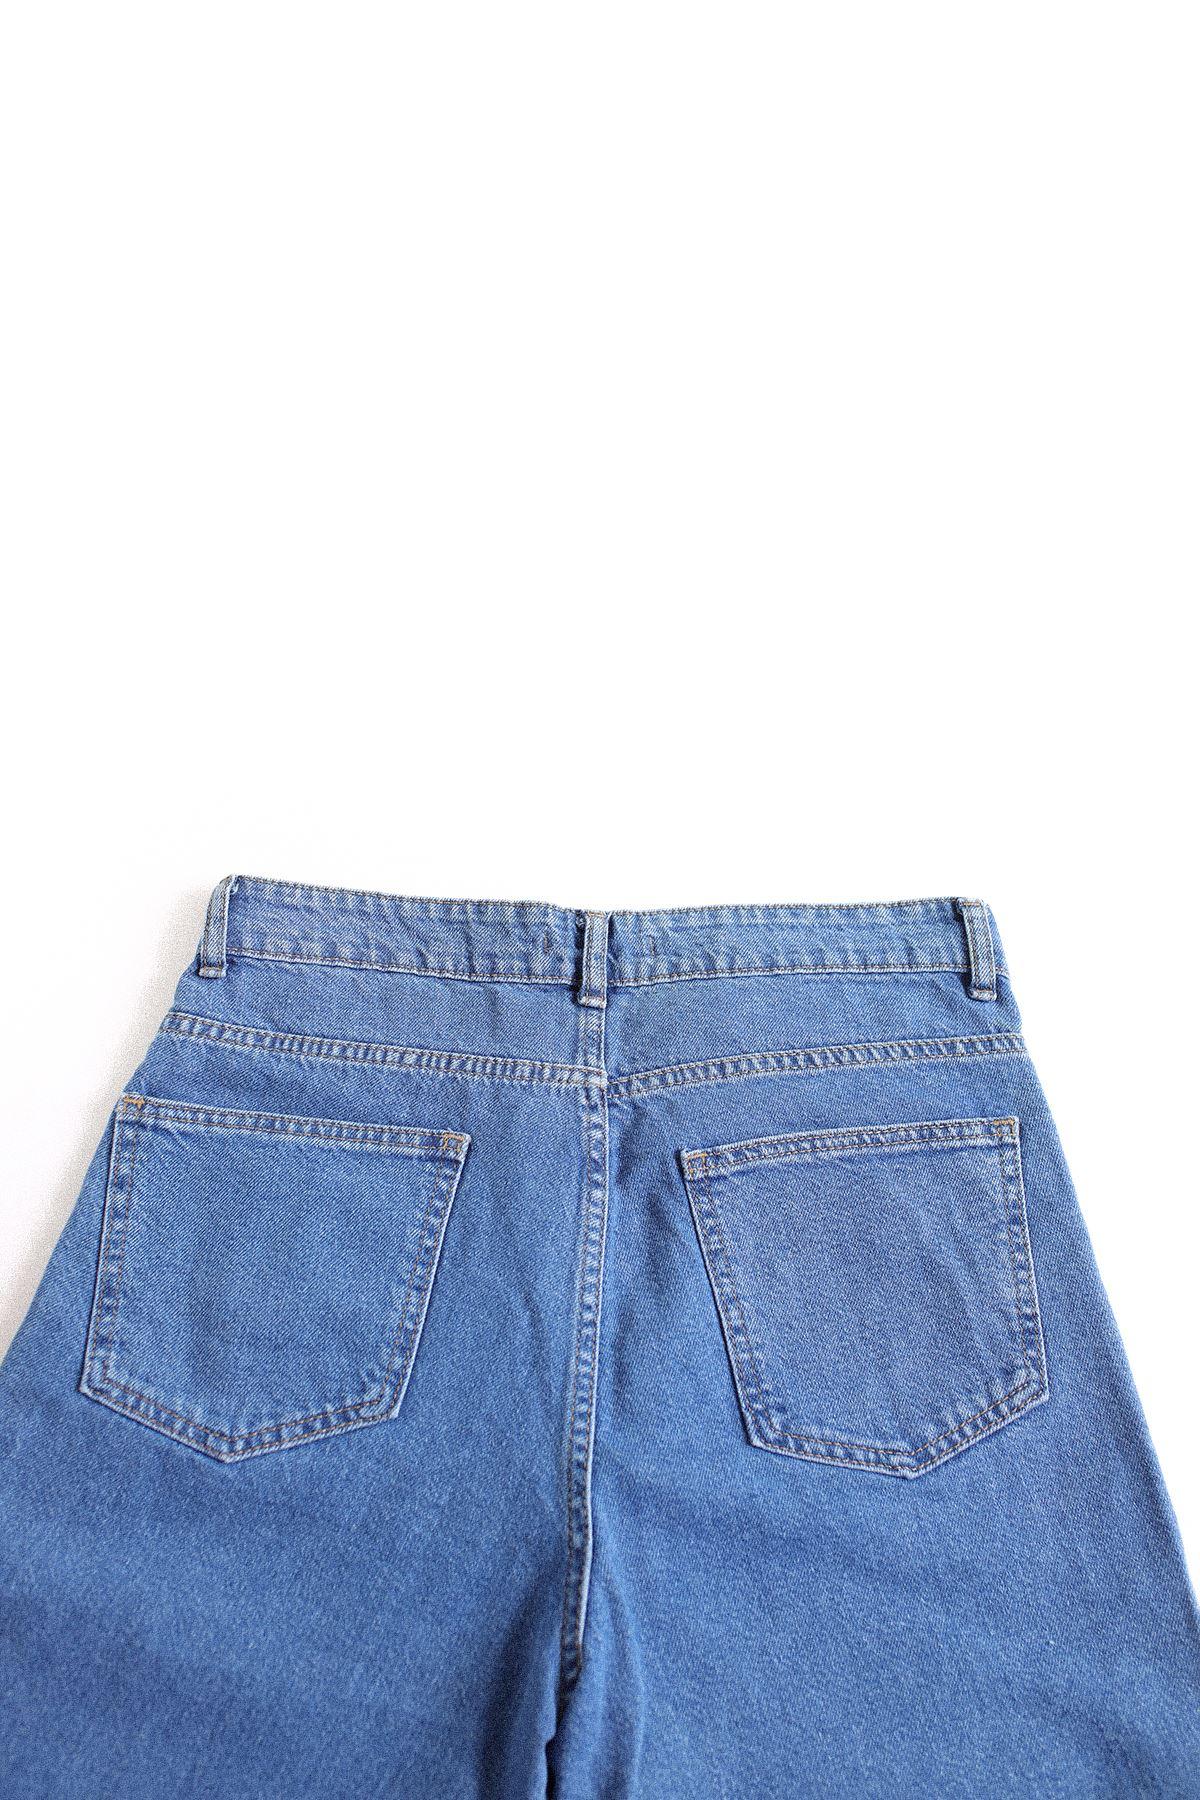 Mavi Lastiksiz Paça Boyfriend Kot Pantolon